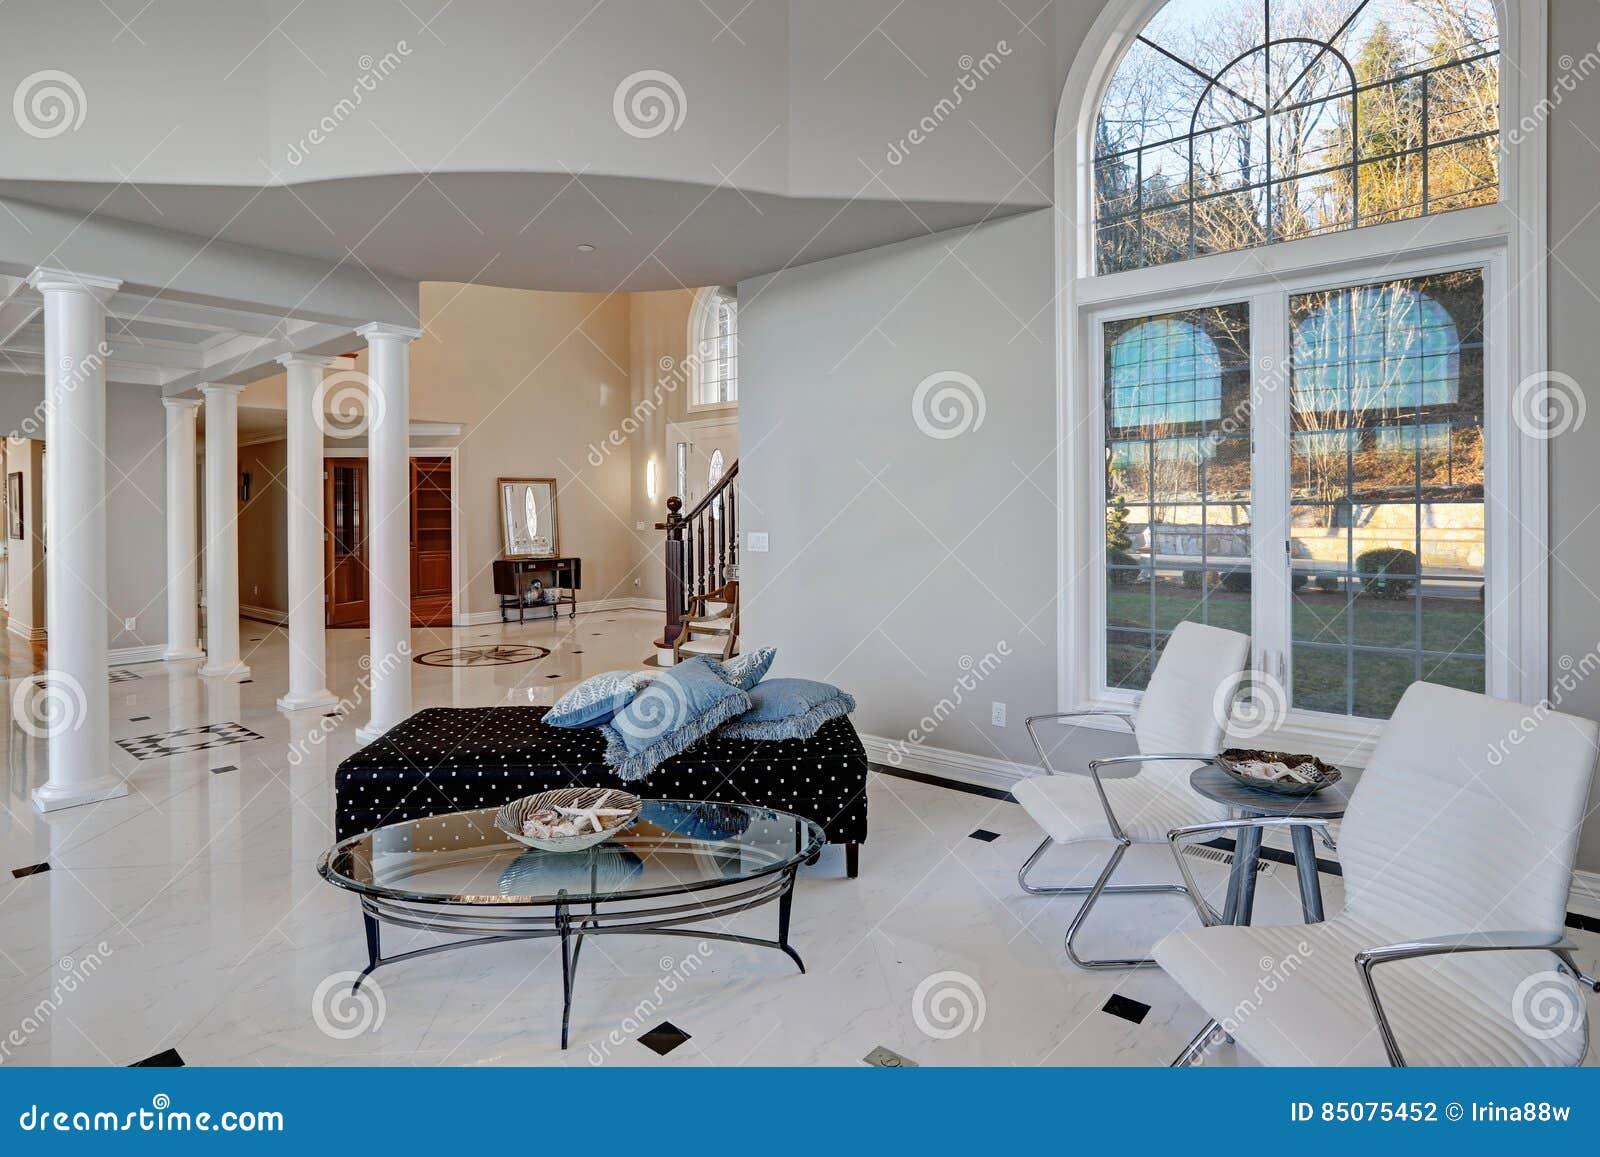 Salone Di Lusso Del Soffitto Alto Con Il Pavimento Di Marmo Fotografia Stock - Immagine: 85075452